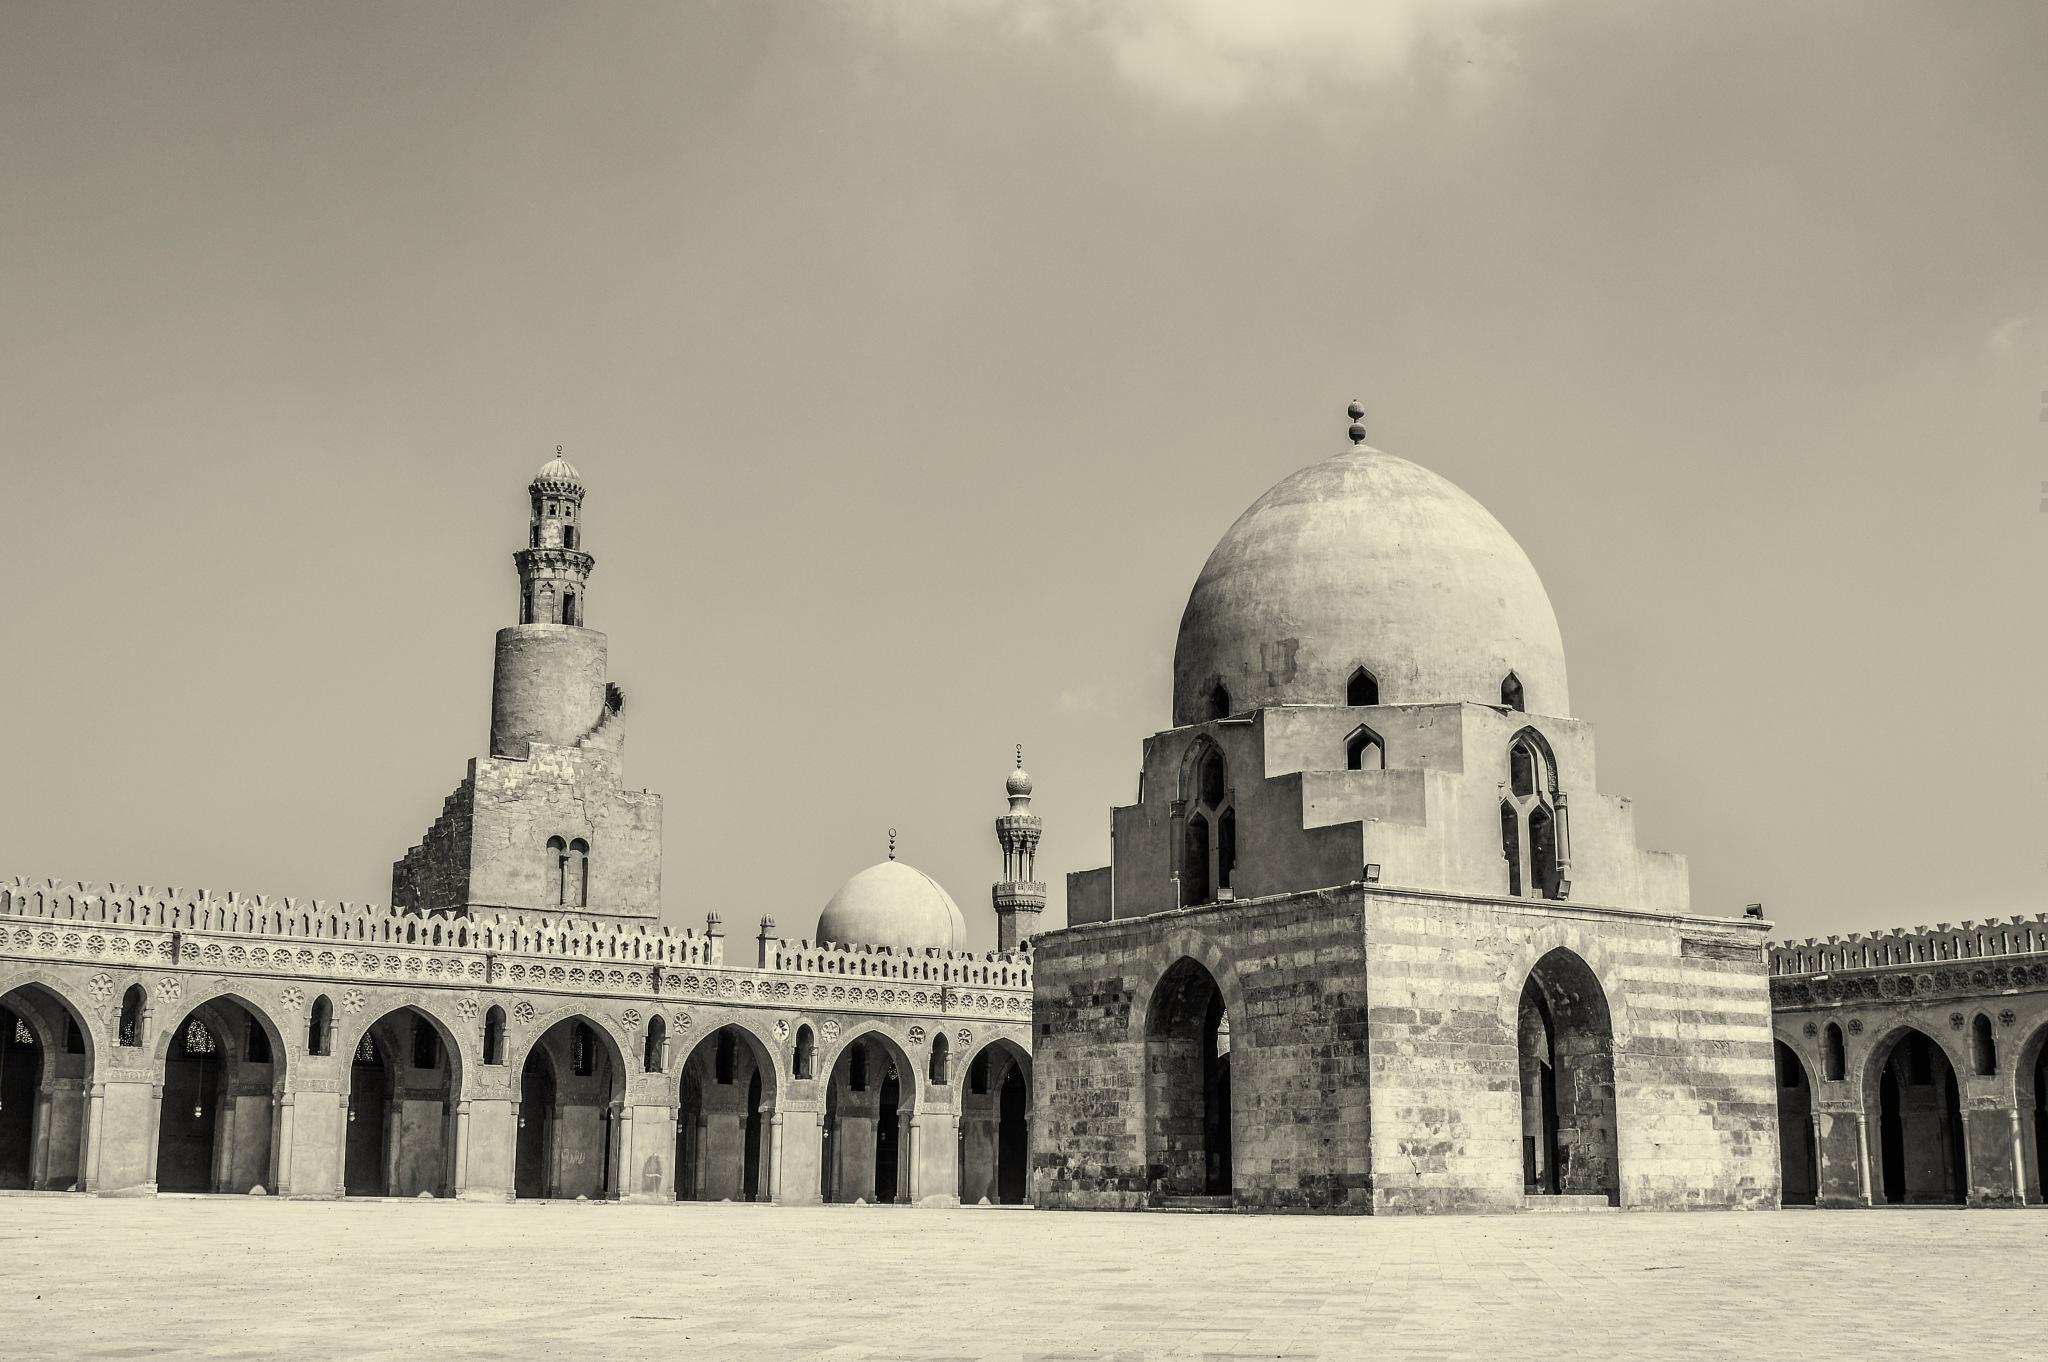 Ahmad ibn Tulun Masjed by Zidan